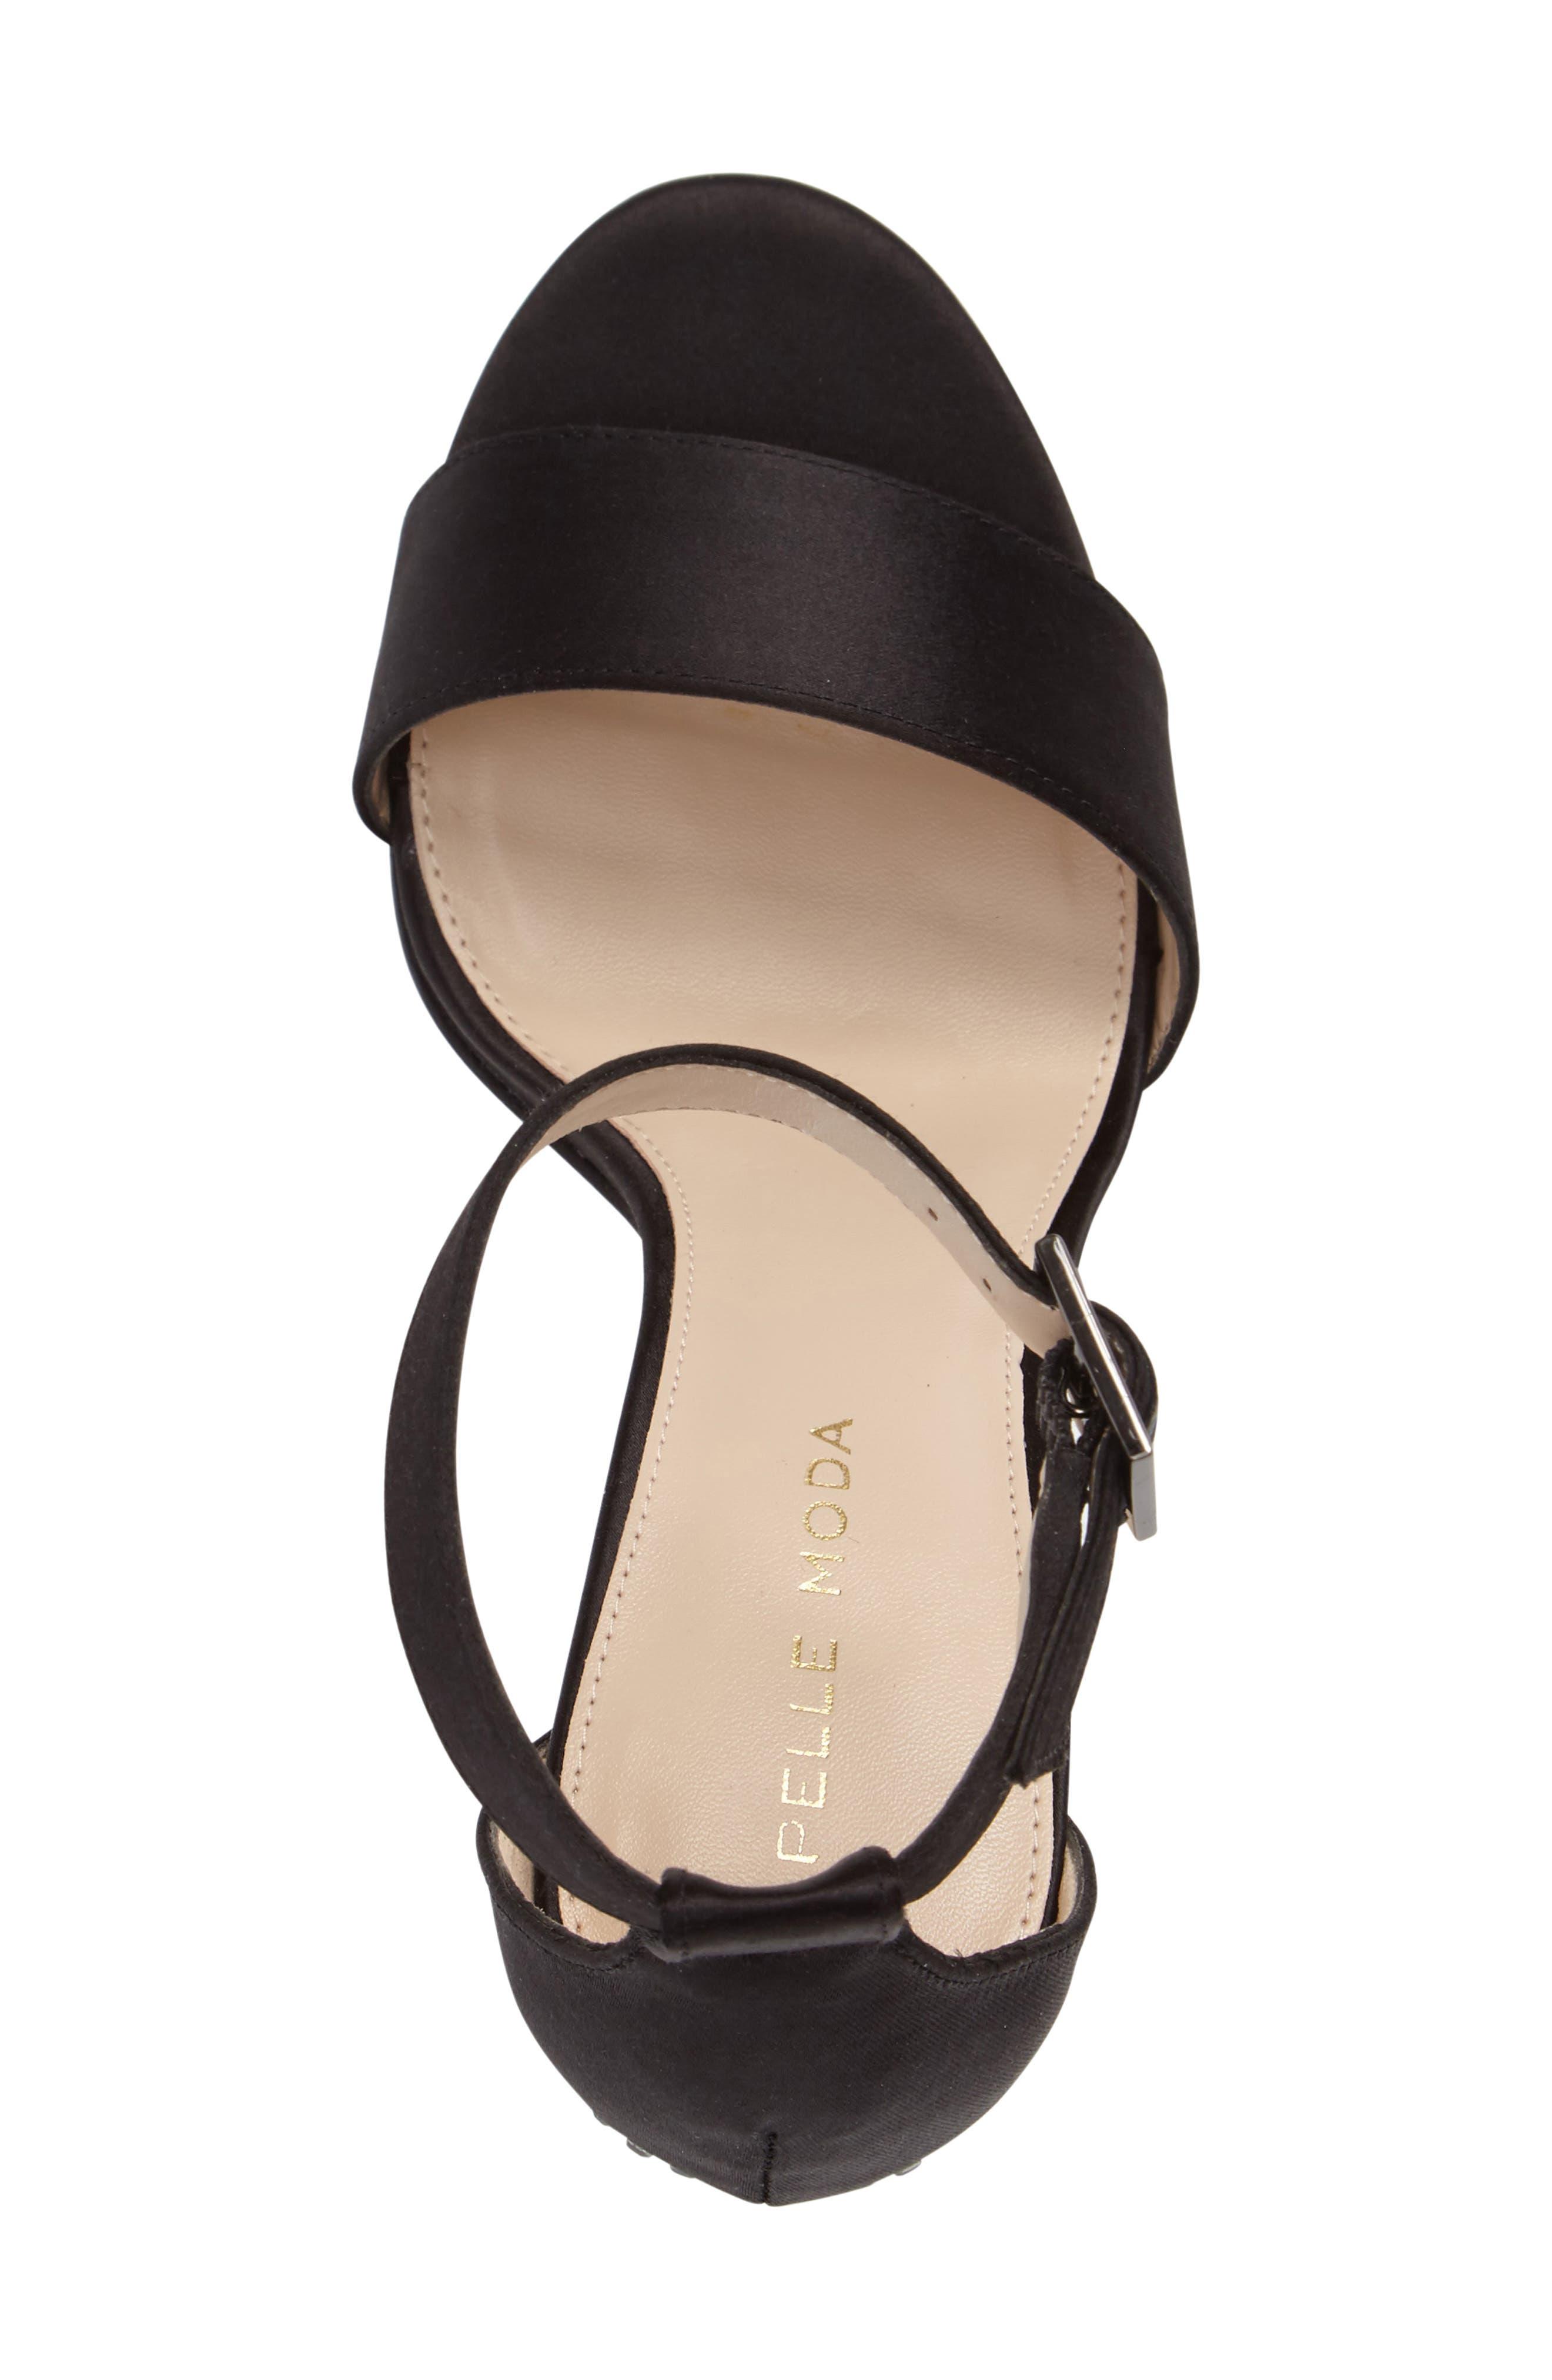 Bonnie 3 Embellished Ankle Strap Sandal,                             Alternate thumbnail 3, color,                             001